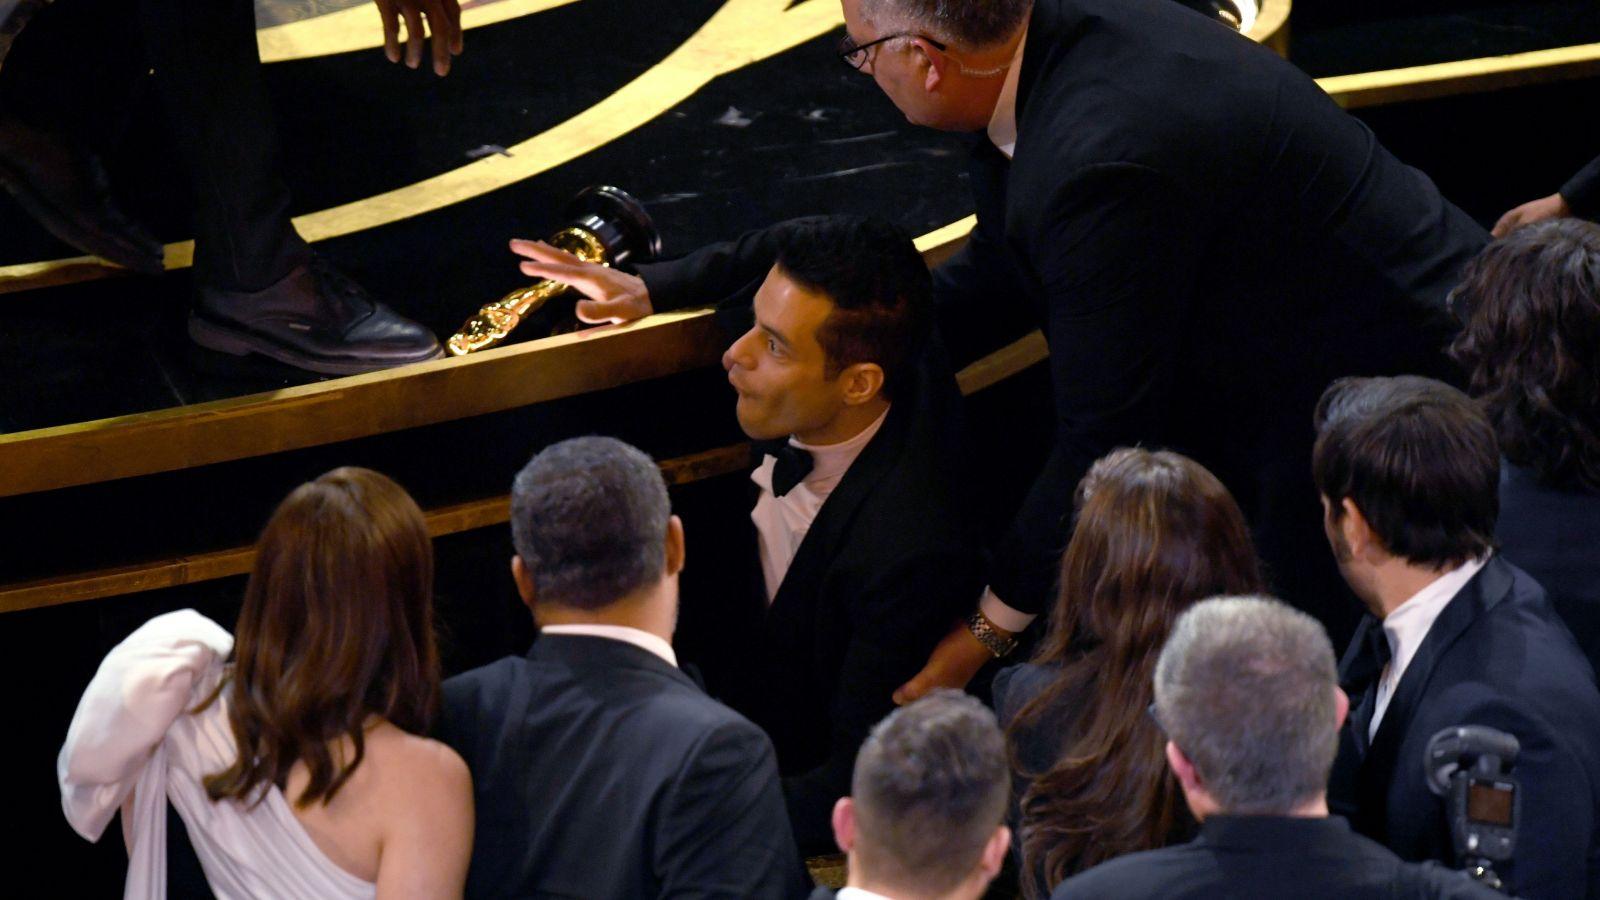 Rami Malek vyhral Oscara a potom s ním spadol z pódia. Ošetrovať ho museli v nemocnici